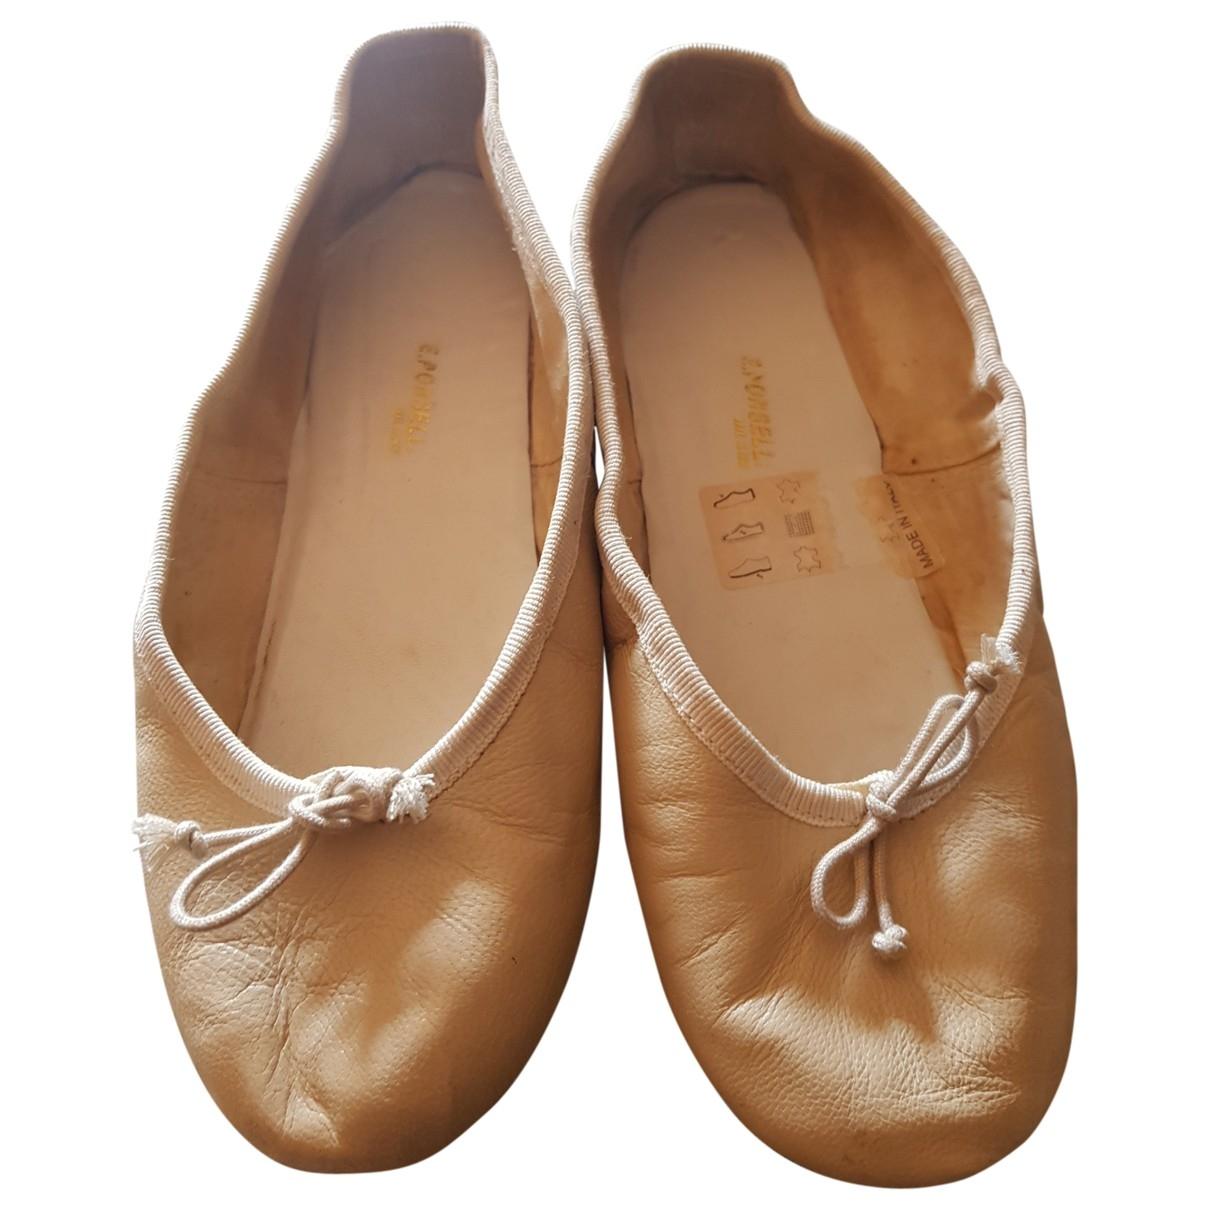 E Porselli - Ballerines   pour femme en cuir - beige